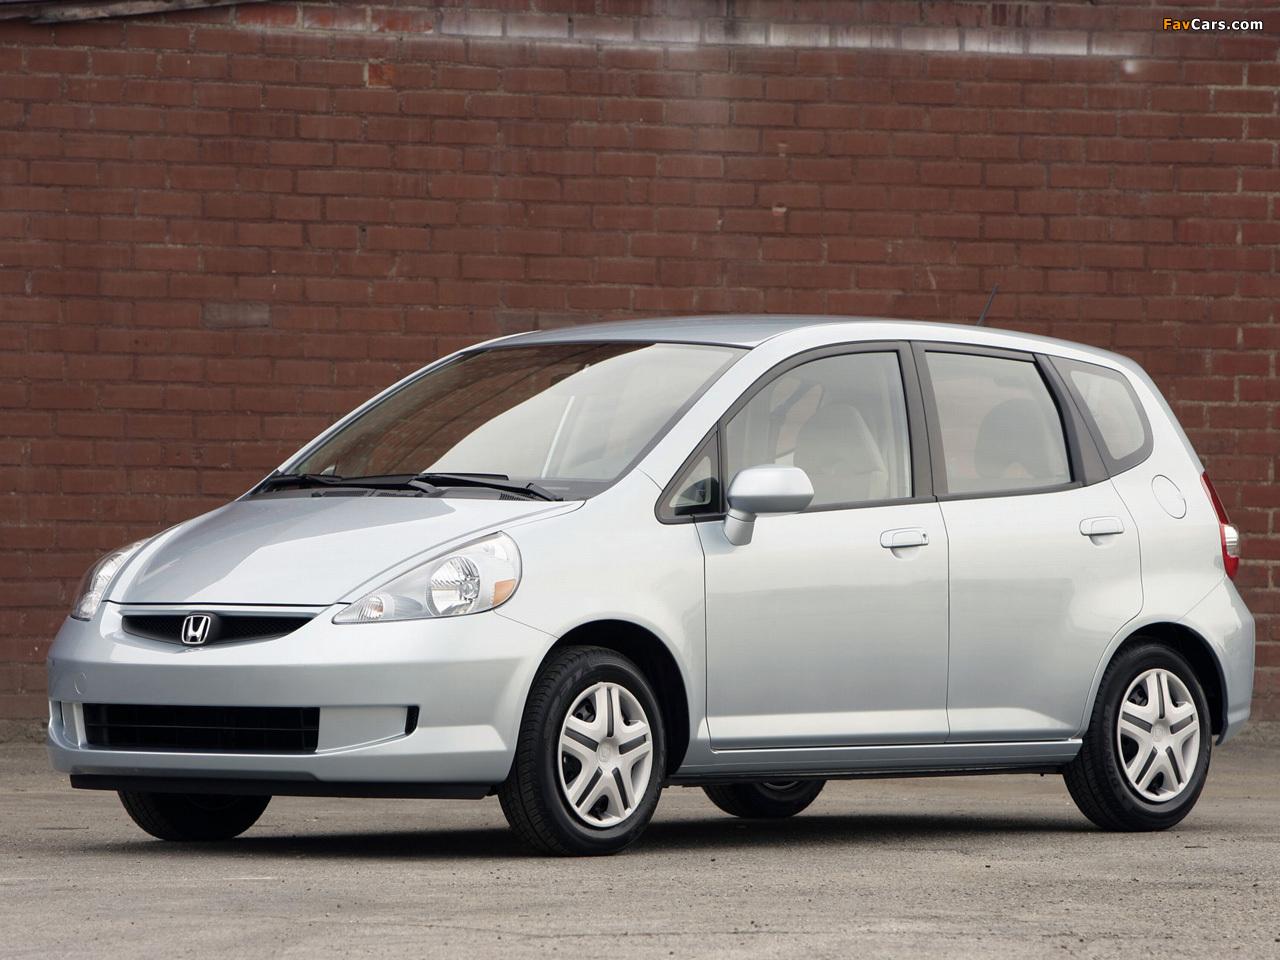 Honda Fit US-spec (GD) 2006-08 images (1280x960)